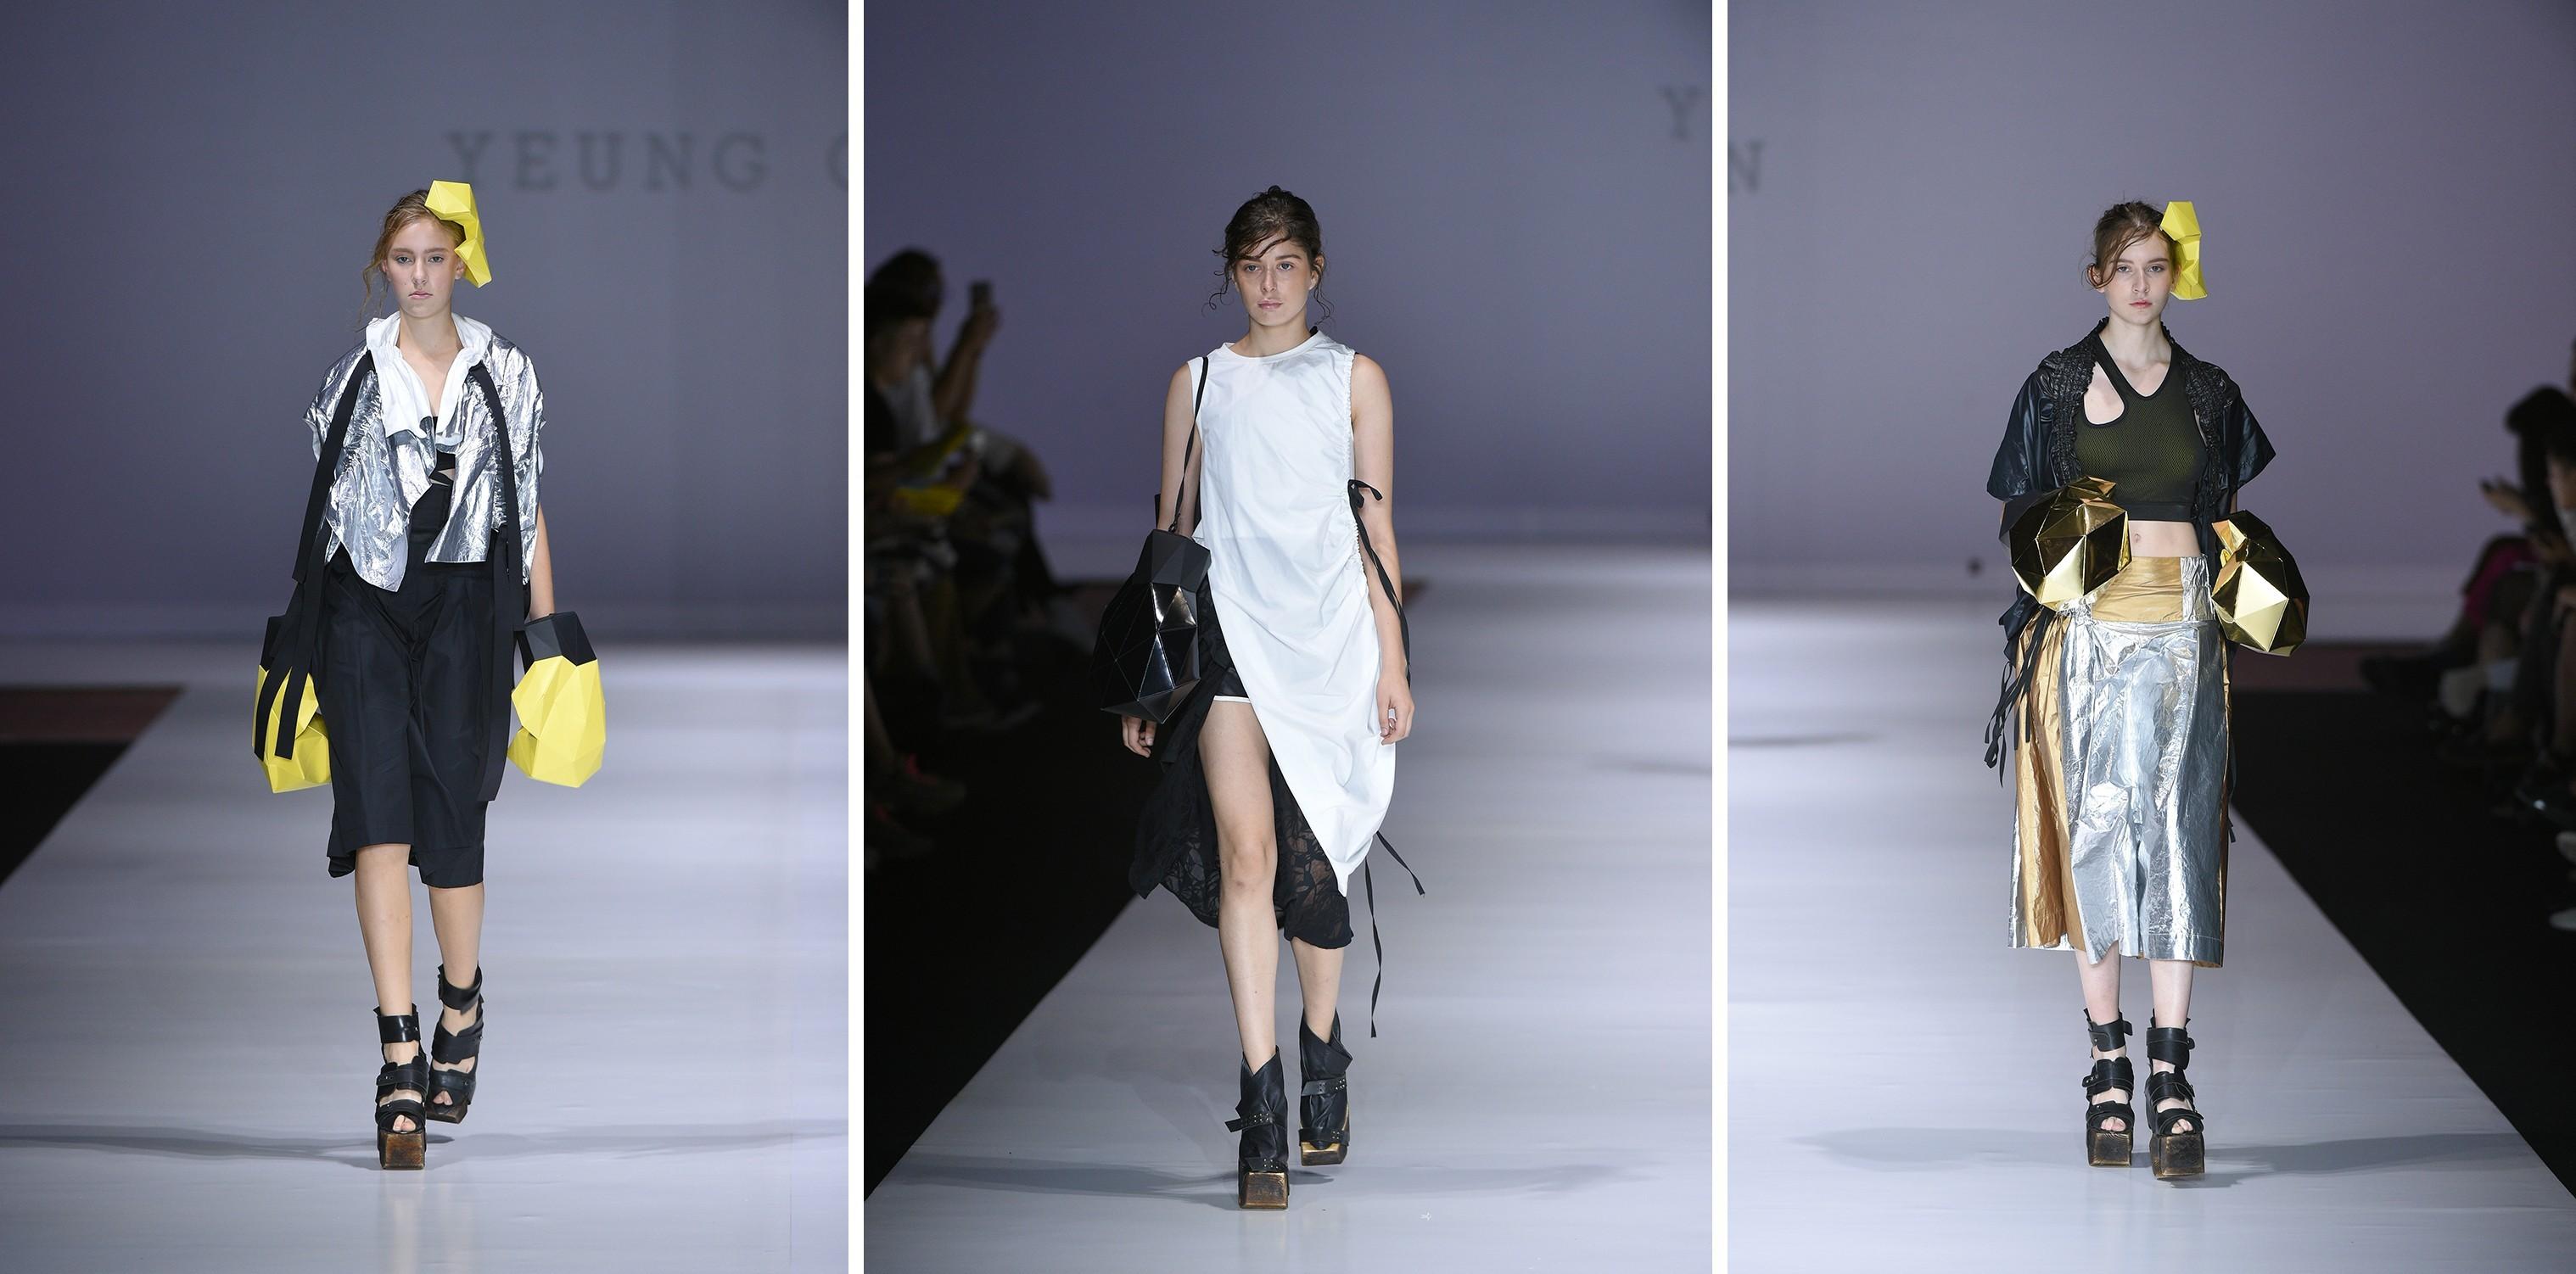 Yeung Chin